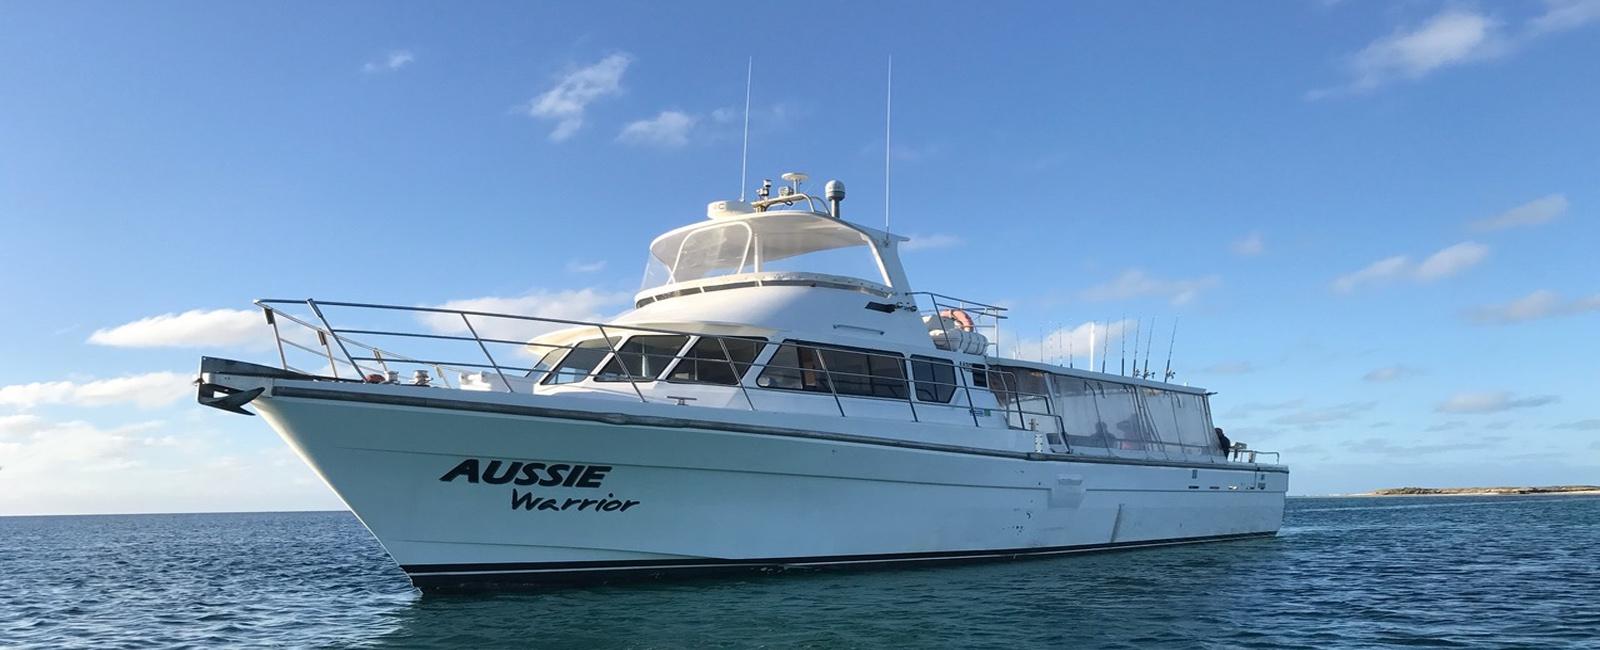 AUSSIE-WARRIOR-Rottnest-boat-charters